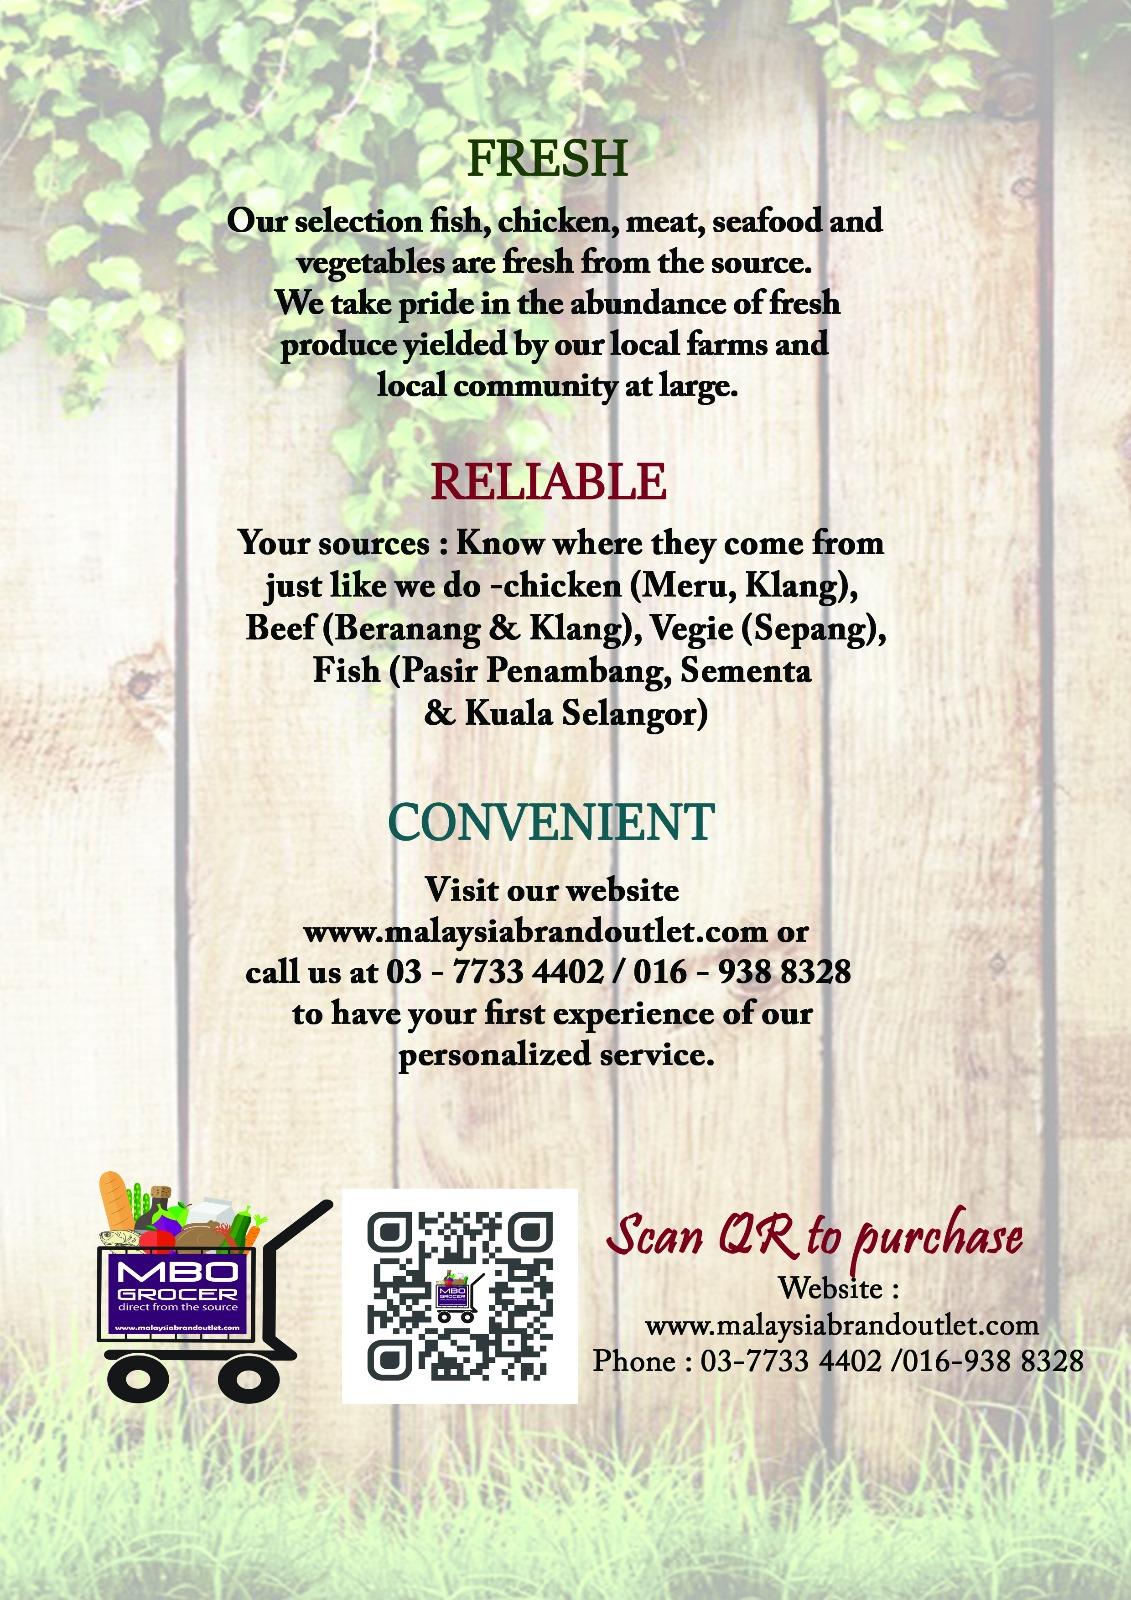 Beli Barang Dapur Secara Online